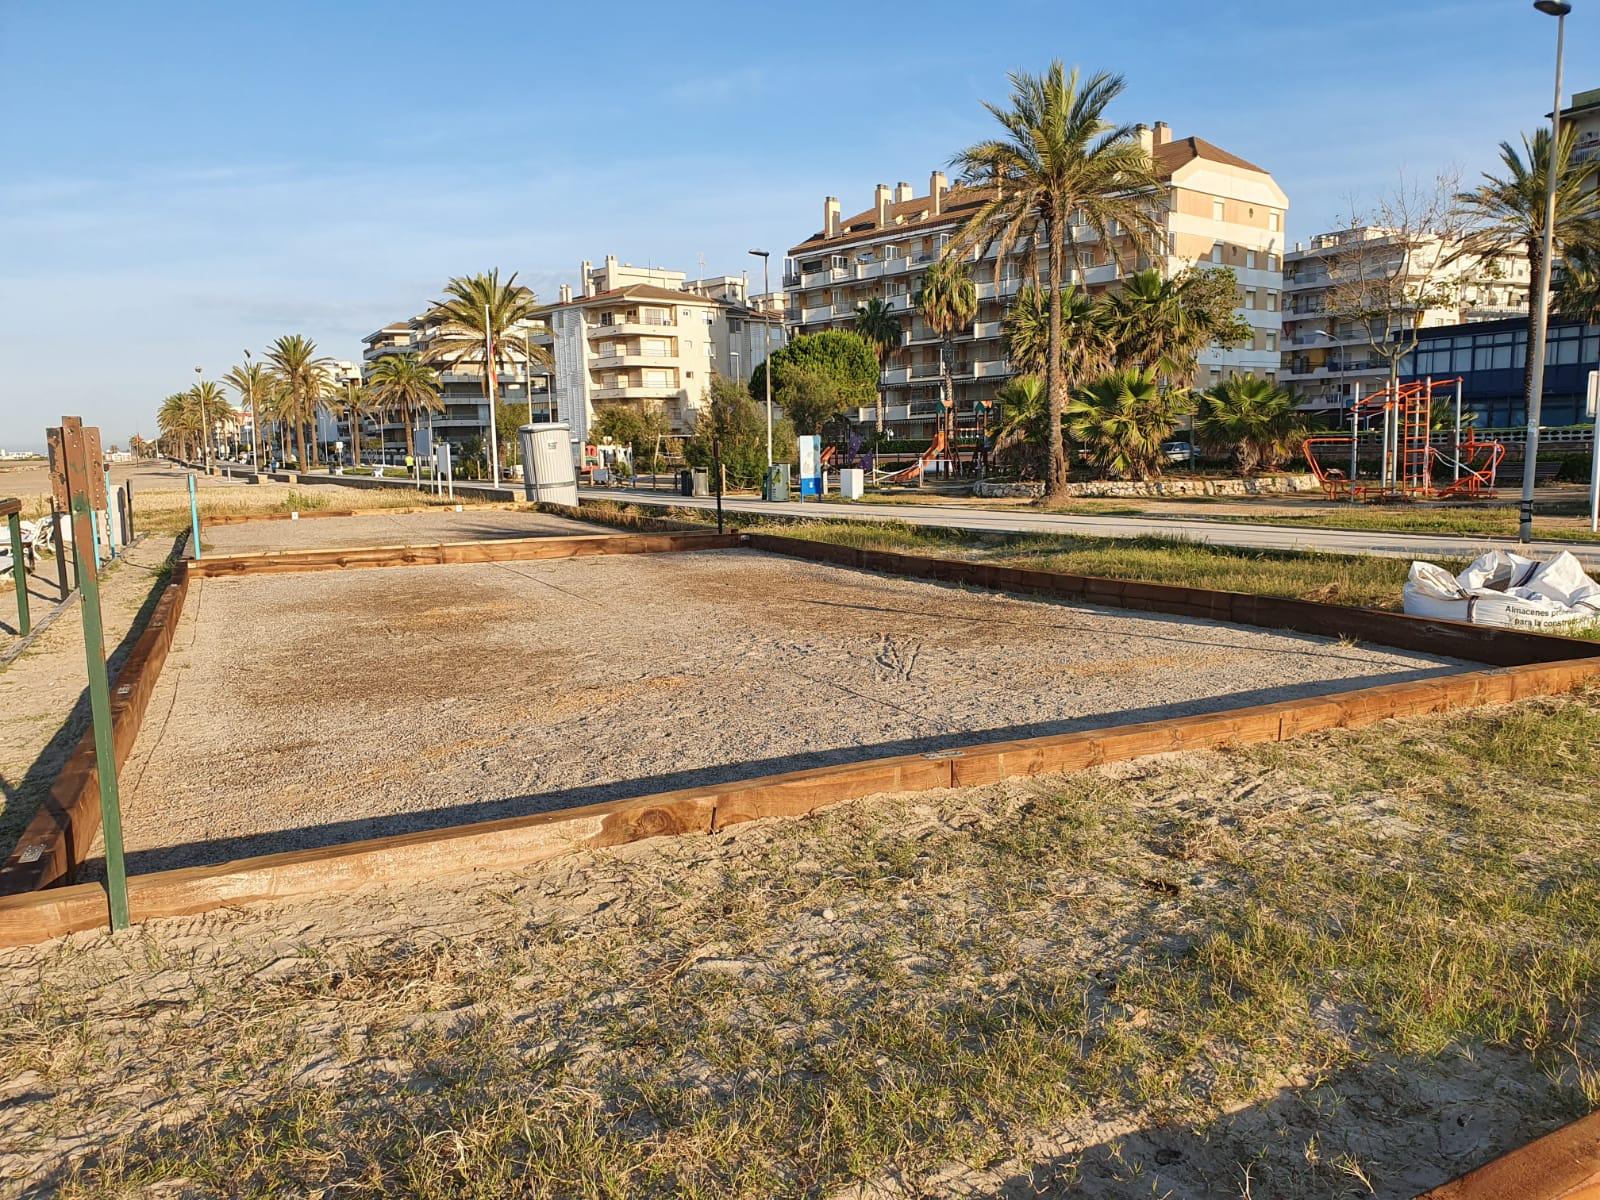 Enllestida la reparació de les pistes de petanca platja després del pas del temporal Glòria